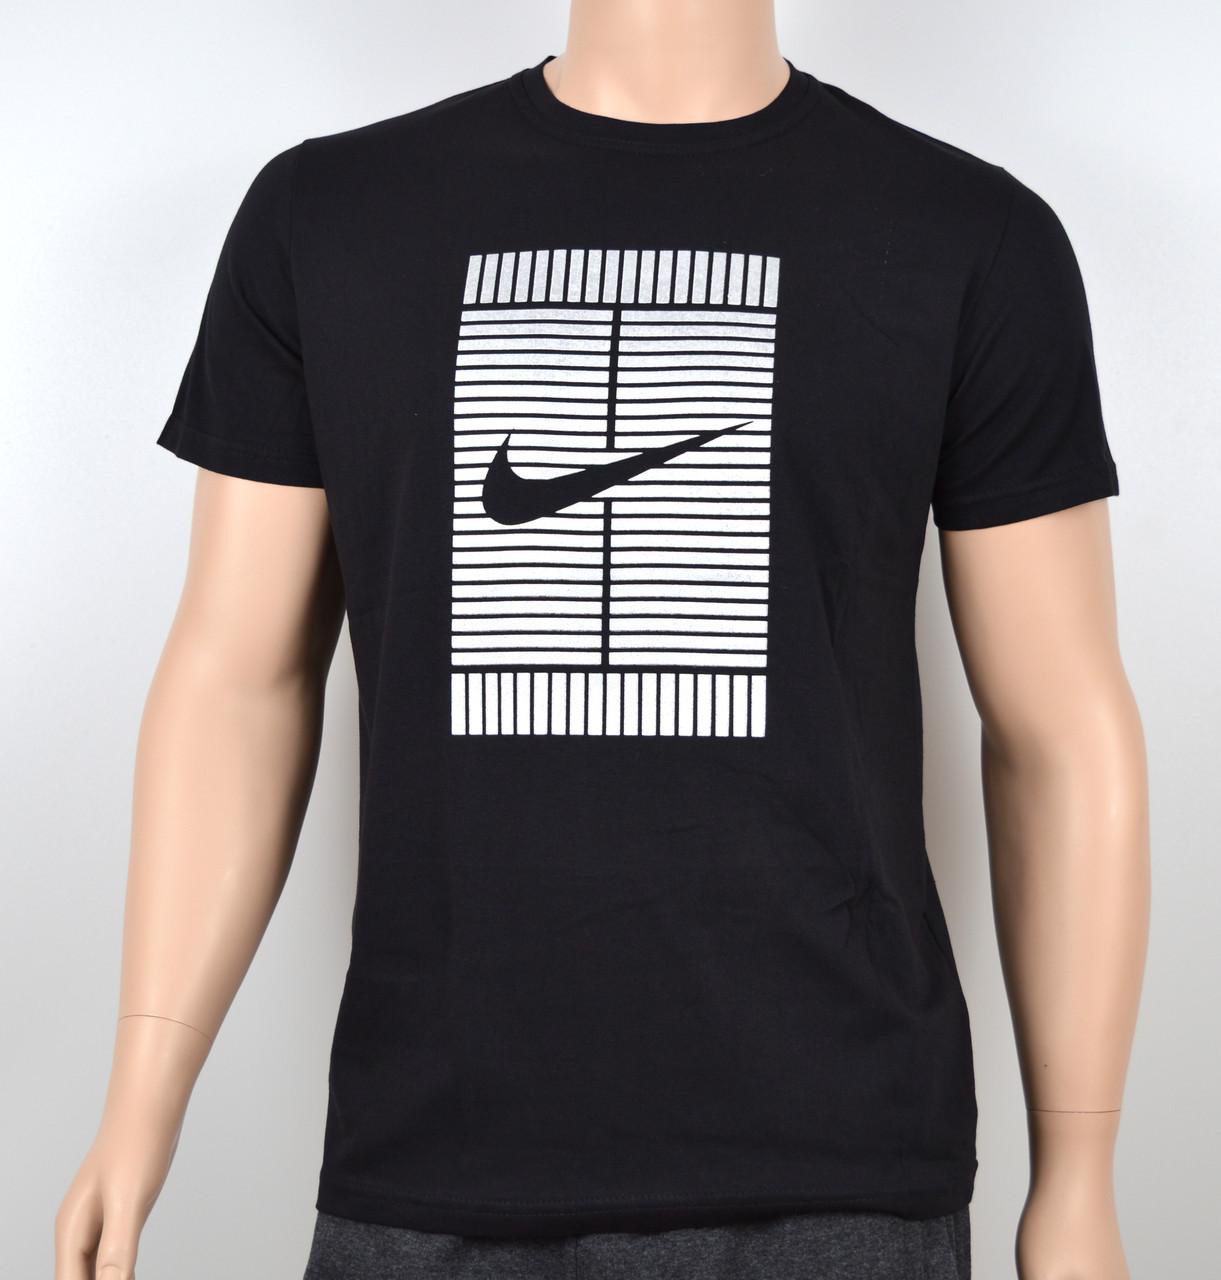 Мужская футболка Nike 100% х/б 1905 Черный